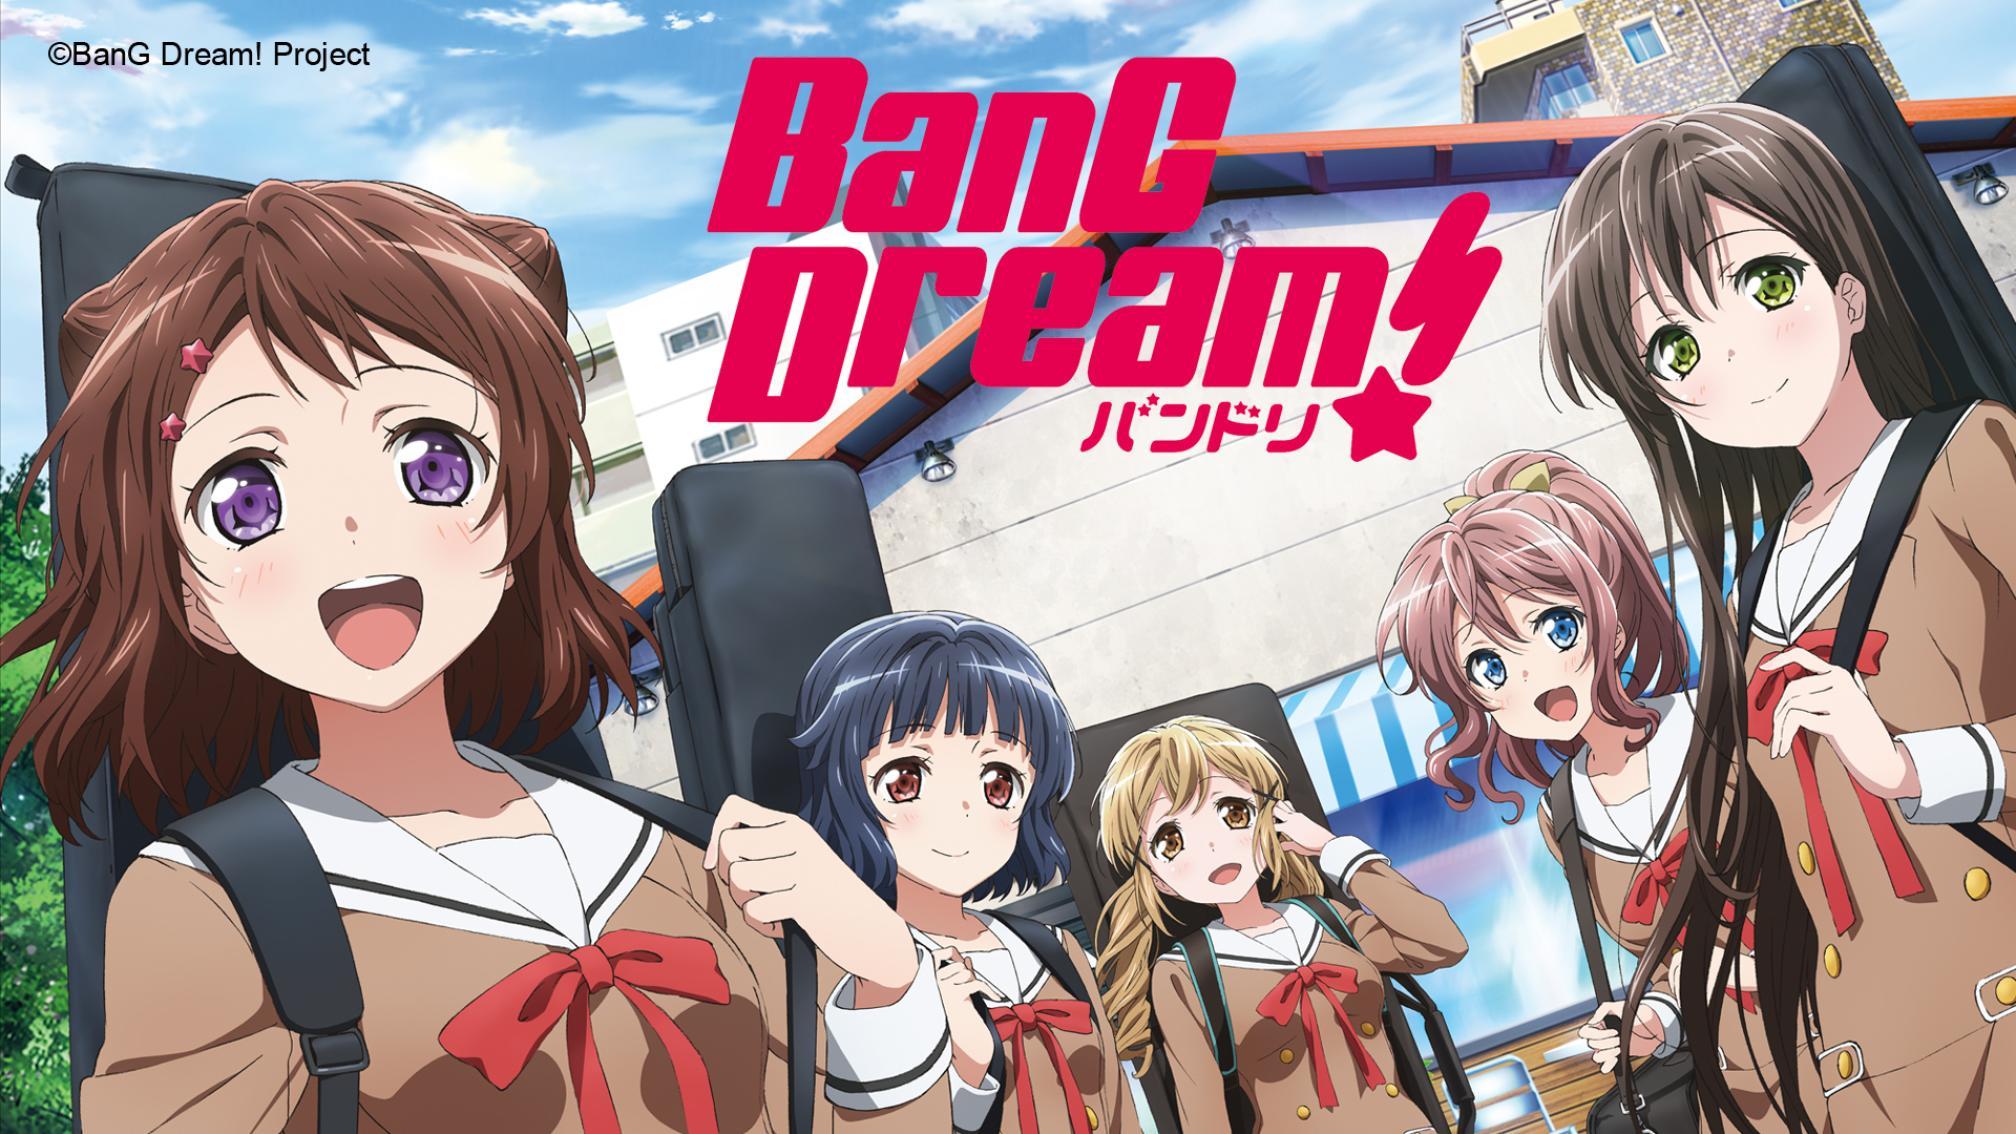 BanG Dream劇照 1